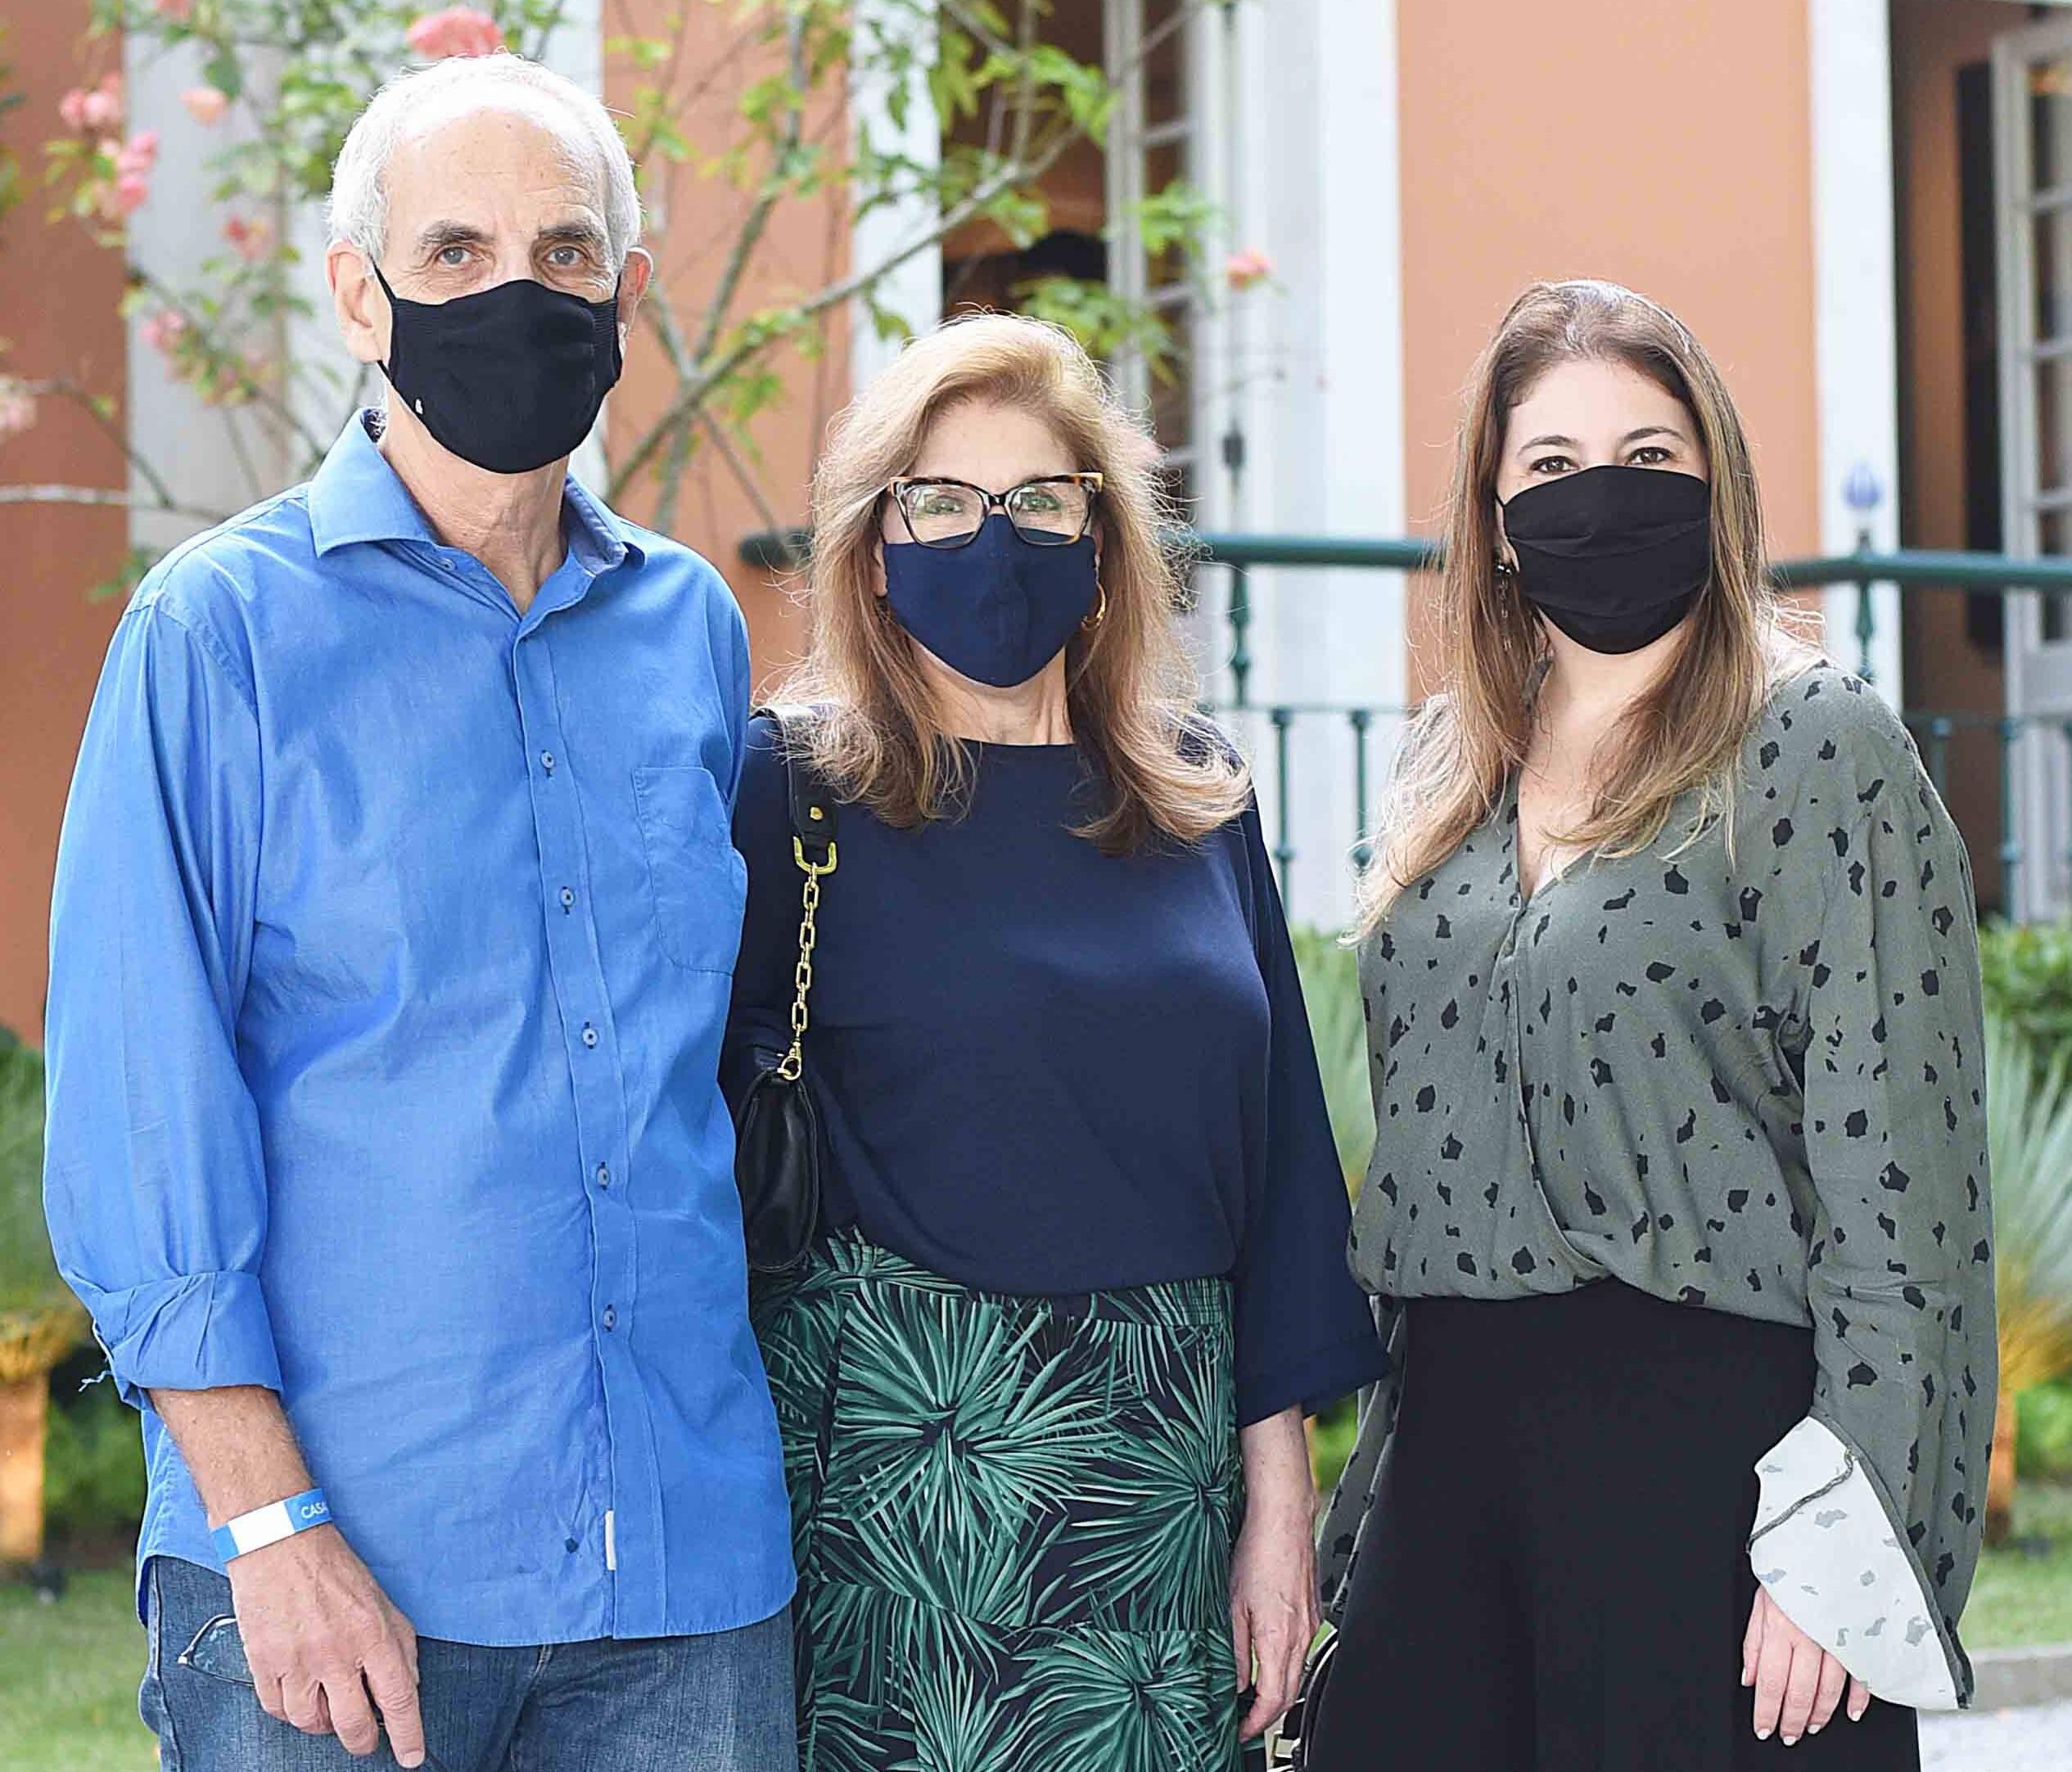 Nelson Vainer, Cinthia Utchitel e Flavia Utchitel /Foto: Ari Kaye